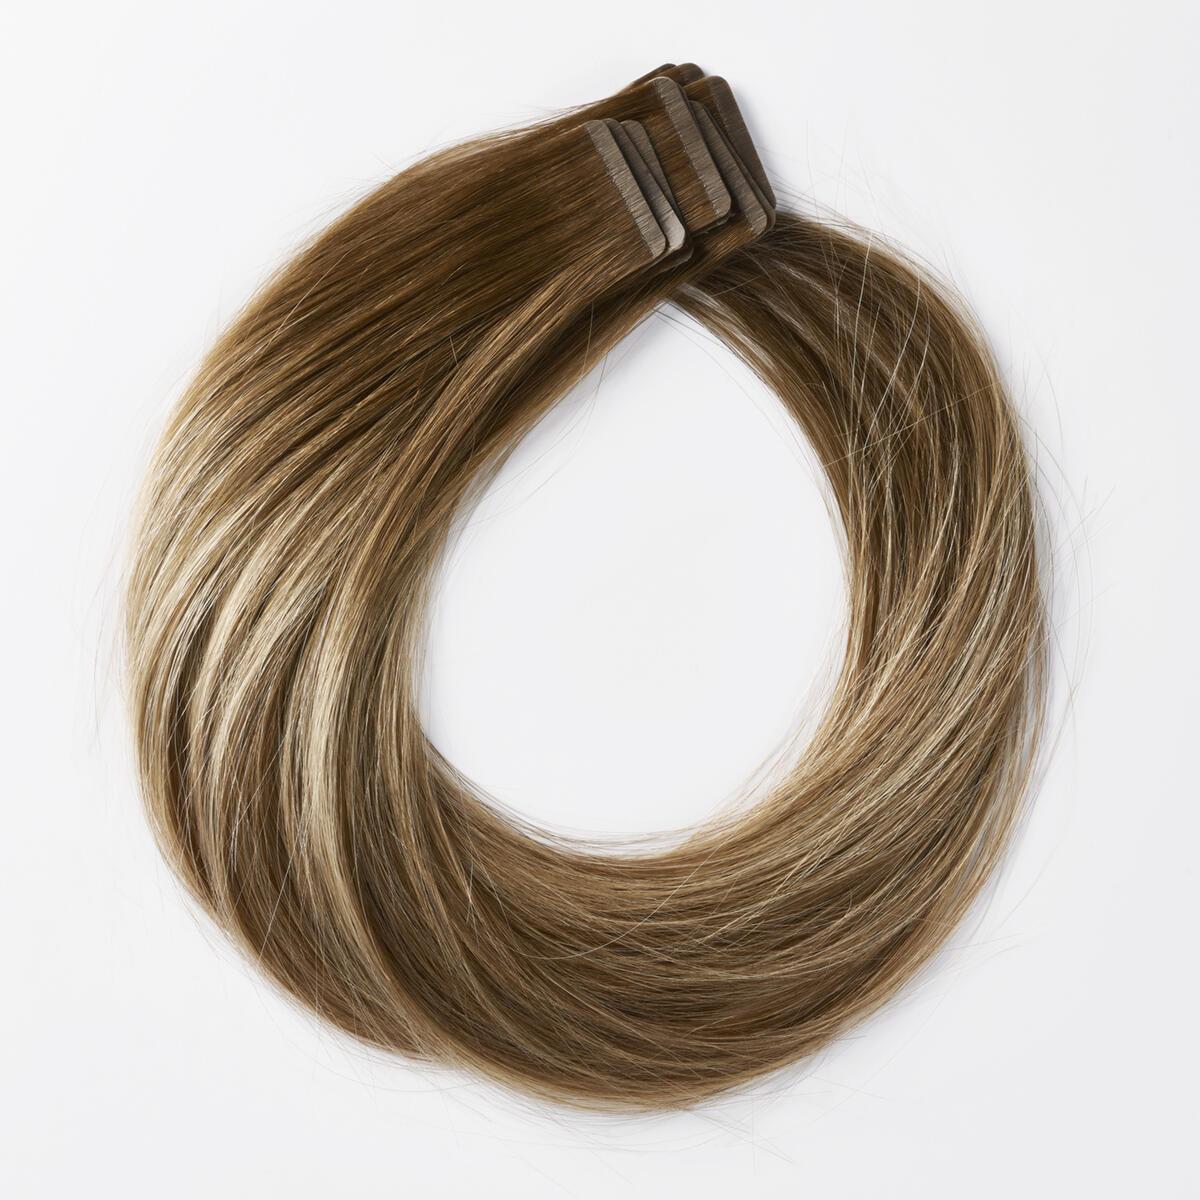 Rapunzel Sleek Tape Extension B5.0/8.3 Brownish Blonde Balayage 45 cm